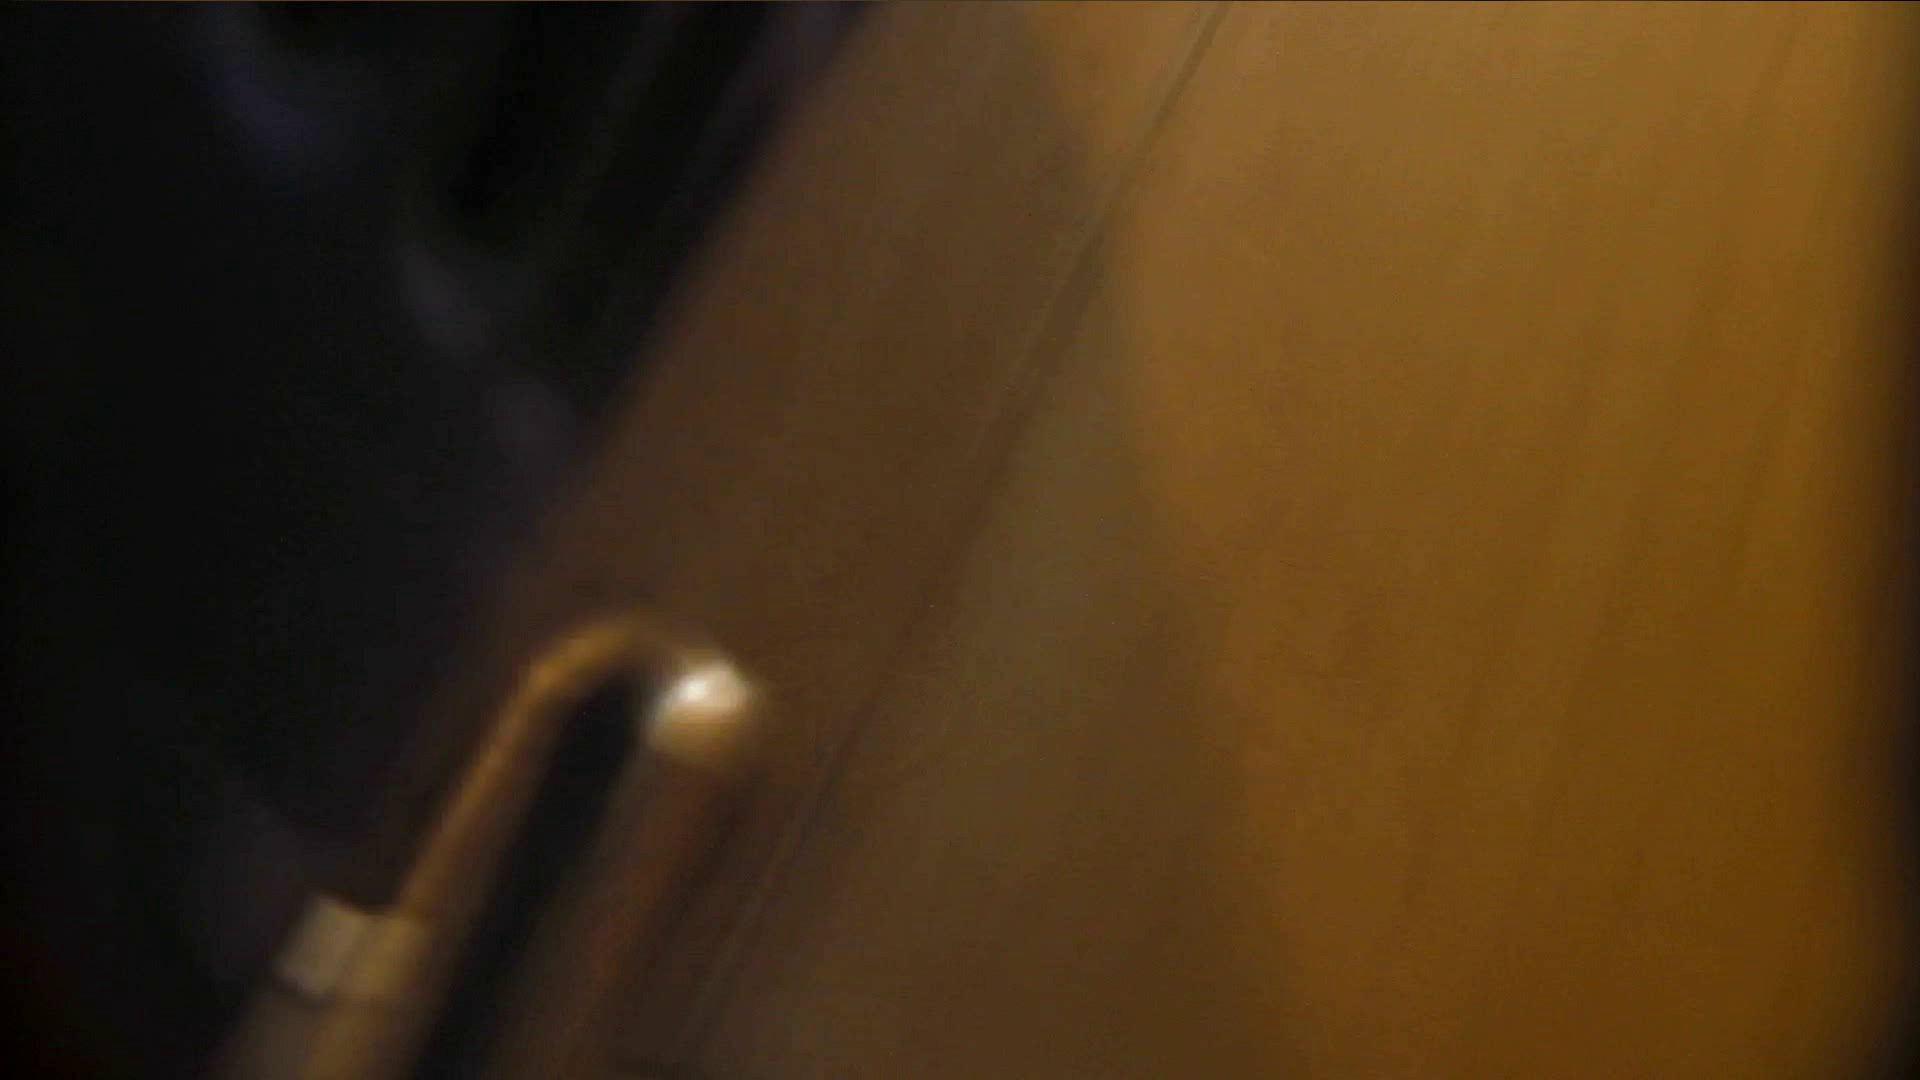 阿国ちゃんの「和式洋式七変化」No.5 洗面所  92PIX 88